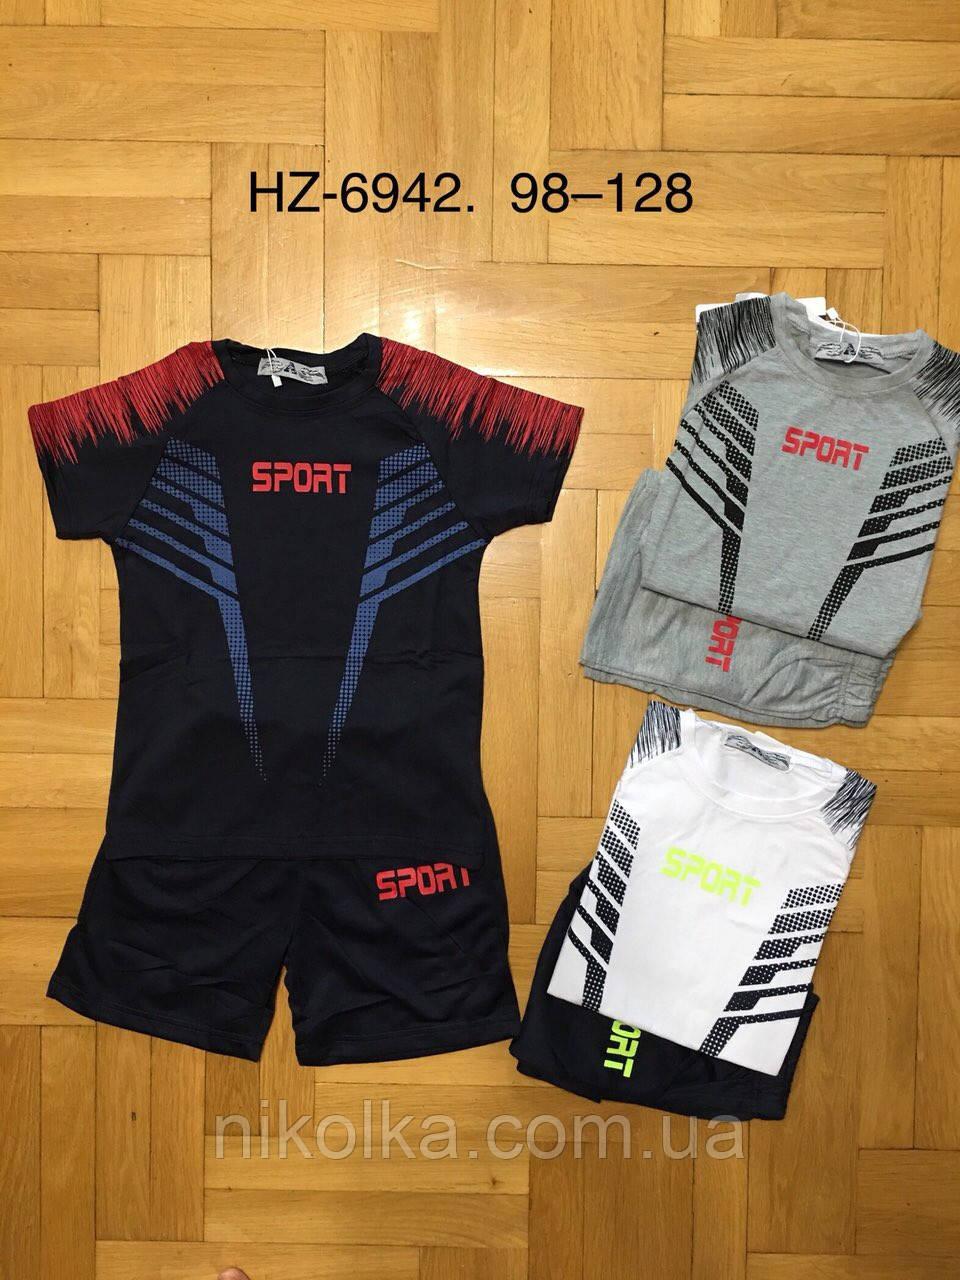 Набор-двойка для мальчиков оптом, Active Sport, 98-128 рр., арт.HZ-6942